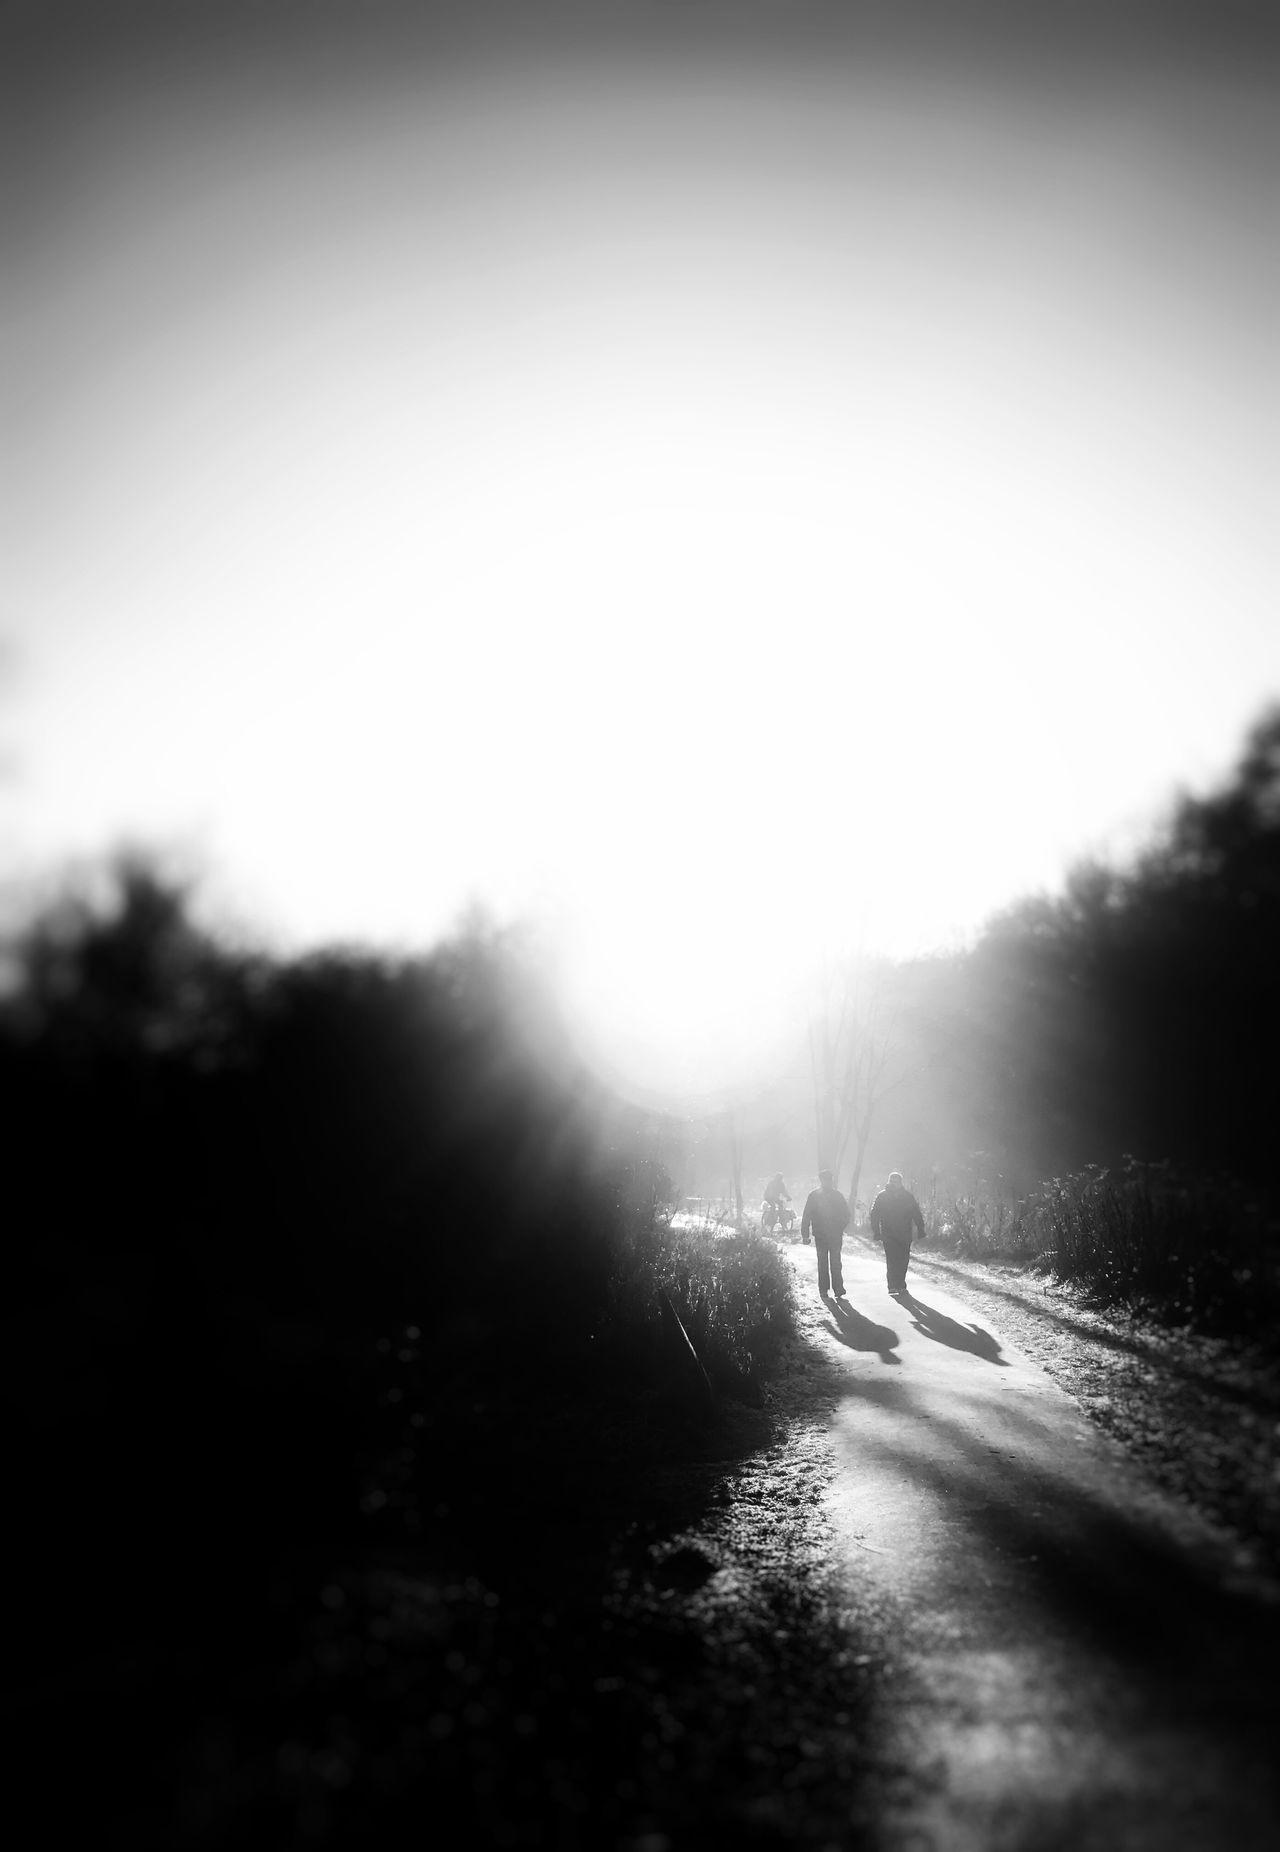 Real People Walking Two People Friends Black And White Photography Blackandwhite Photography Blackandwhite